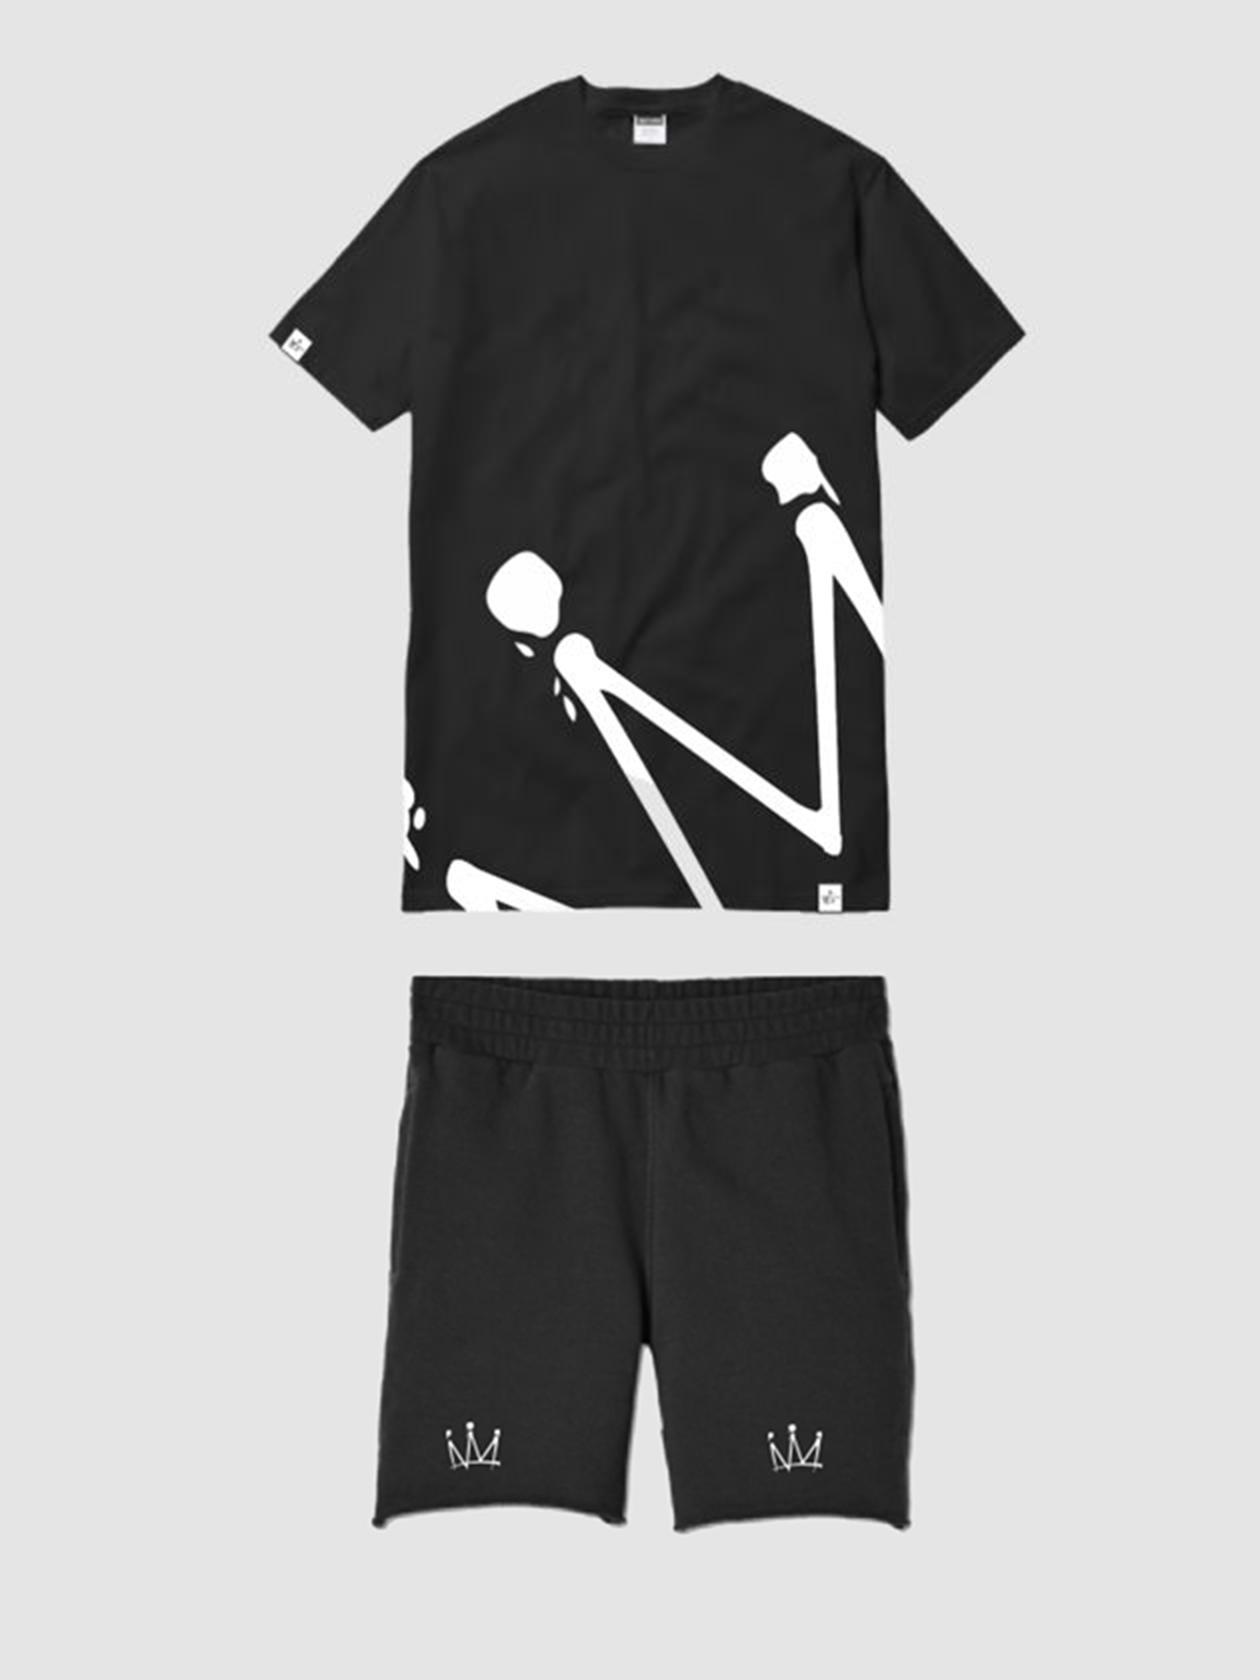 Mens sweatsuit HALF CROWNМужской костюм Half Crown из коллекции артиста Мота – идеальный выбор для повседневного и спортивного стиля. Комплект представлен в черном цвете. Футболка прямого свободного кроя со спущенной линией плеча, узкой эластичной горловиной. На правом рукаве фирменная нашивка бренда. Шорты полусвободного силуэта с широкой резинкой на поясе и внутренним задним карманом на листочке. Эффектная фишка изделия – узнаваемый принт «корона», разделенный на части и оформленный на футболке и шортах. Костюм создан из натурального хлопка высочайшего качества.<br><br>size: S<br>color: Black<br>gender: male